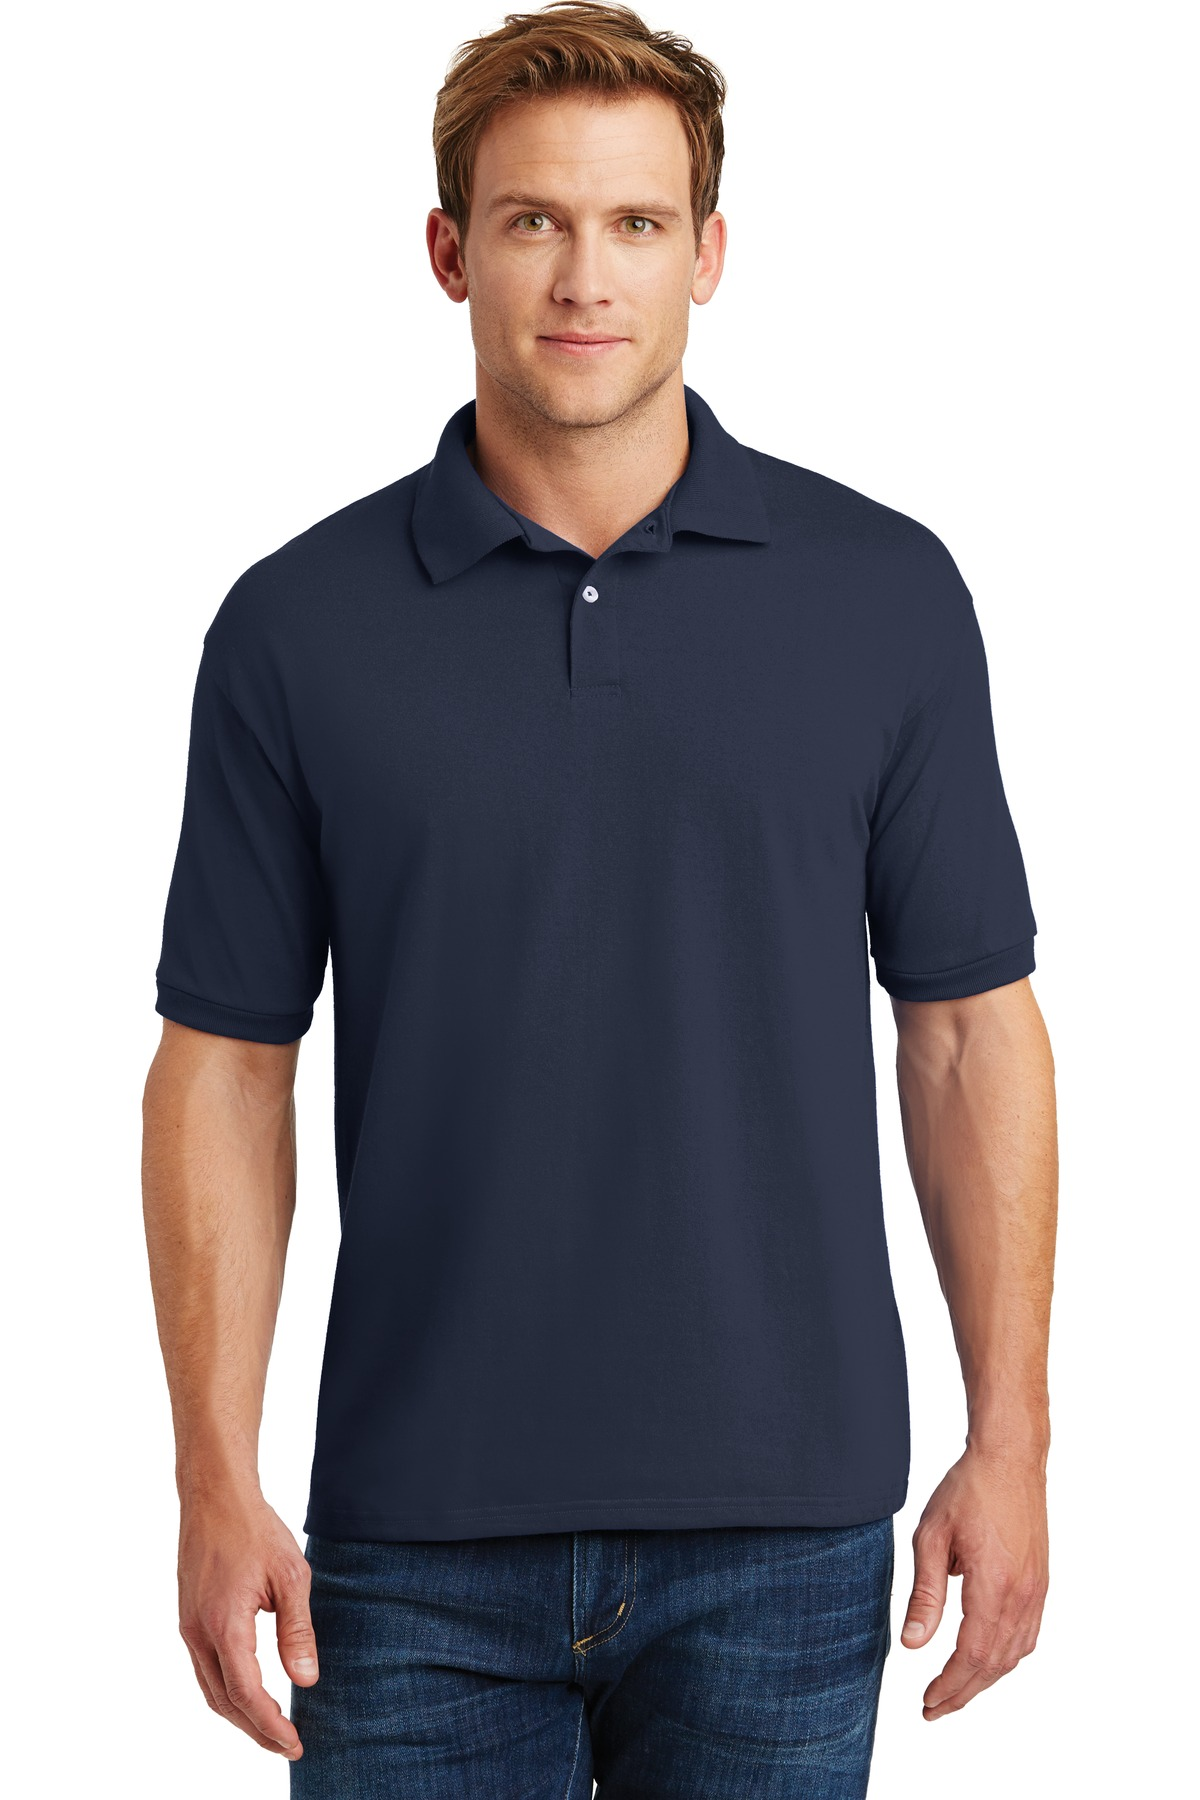 Hanes  EcoSmart  - 5.2-Ounce Jersey Knit Sport Shirt. 054X